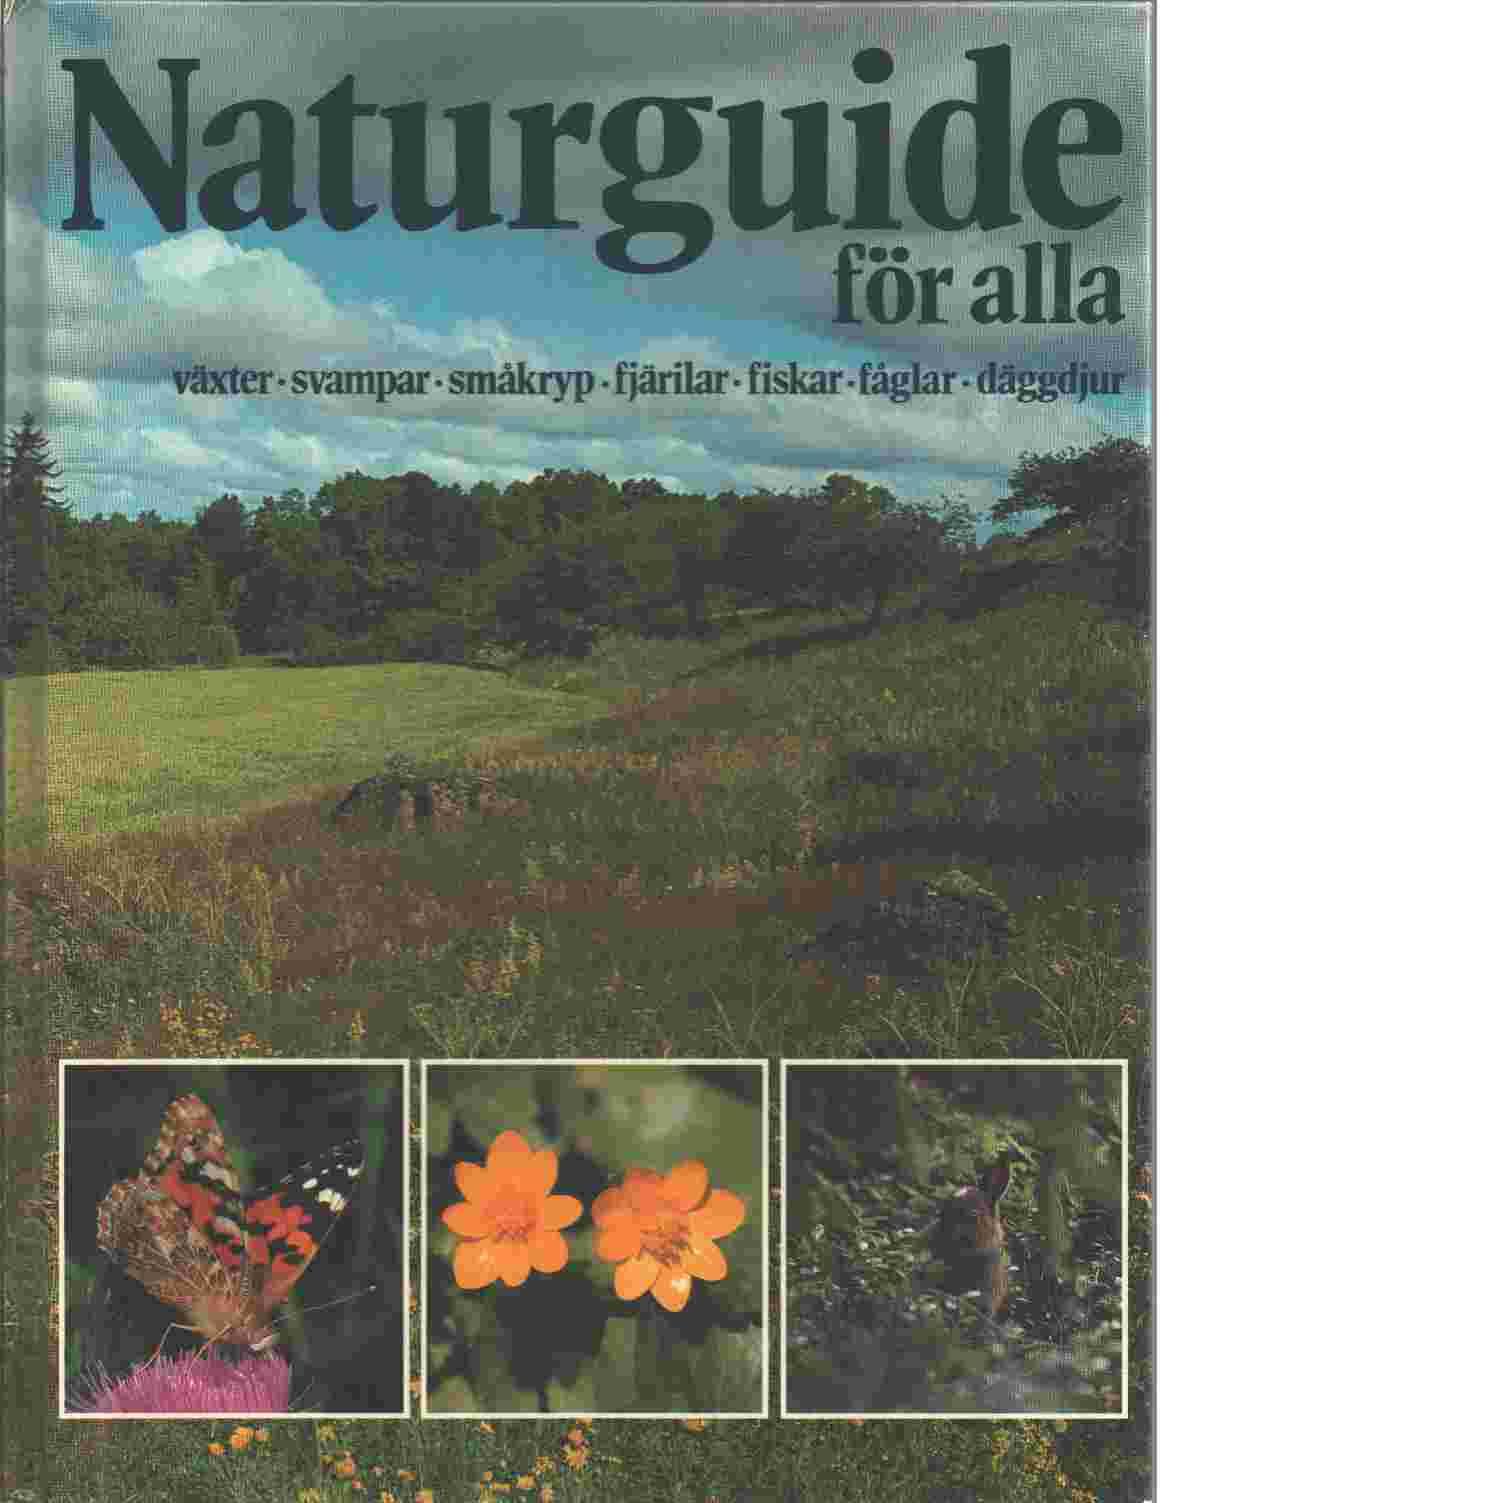 Naturguide för alla : växter, svampar, småkryp, fjärilar, fiskar, fåglar, däggdjur - Dierl, Wolfgang och Hjernquist, Anncatrin,